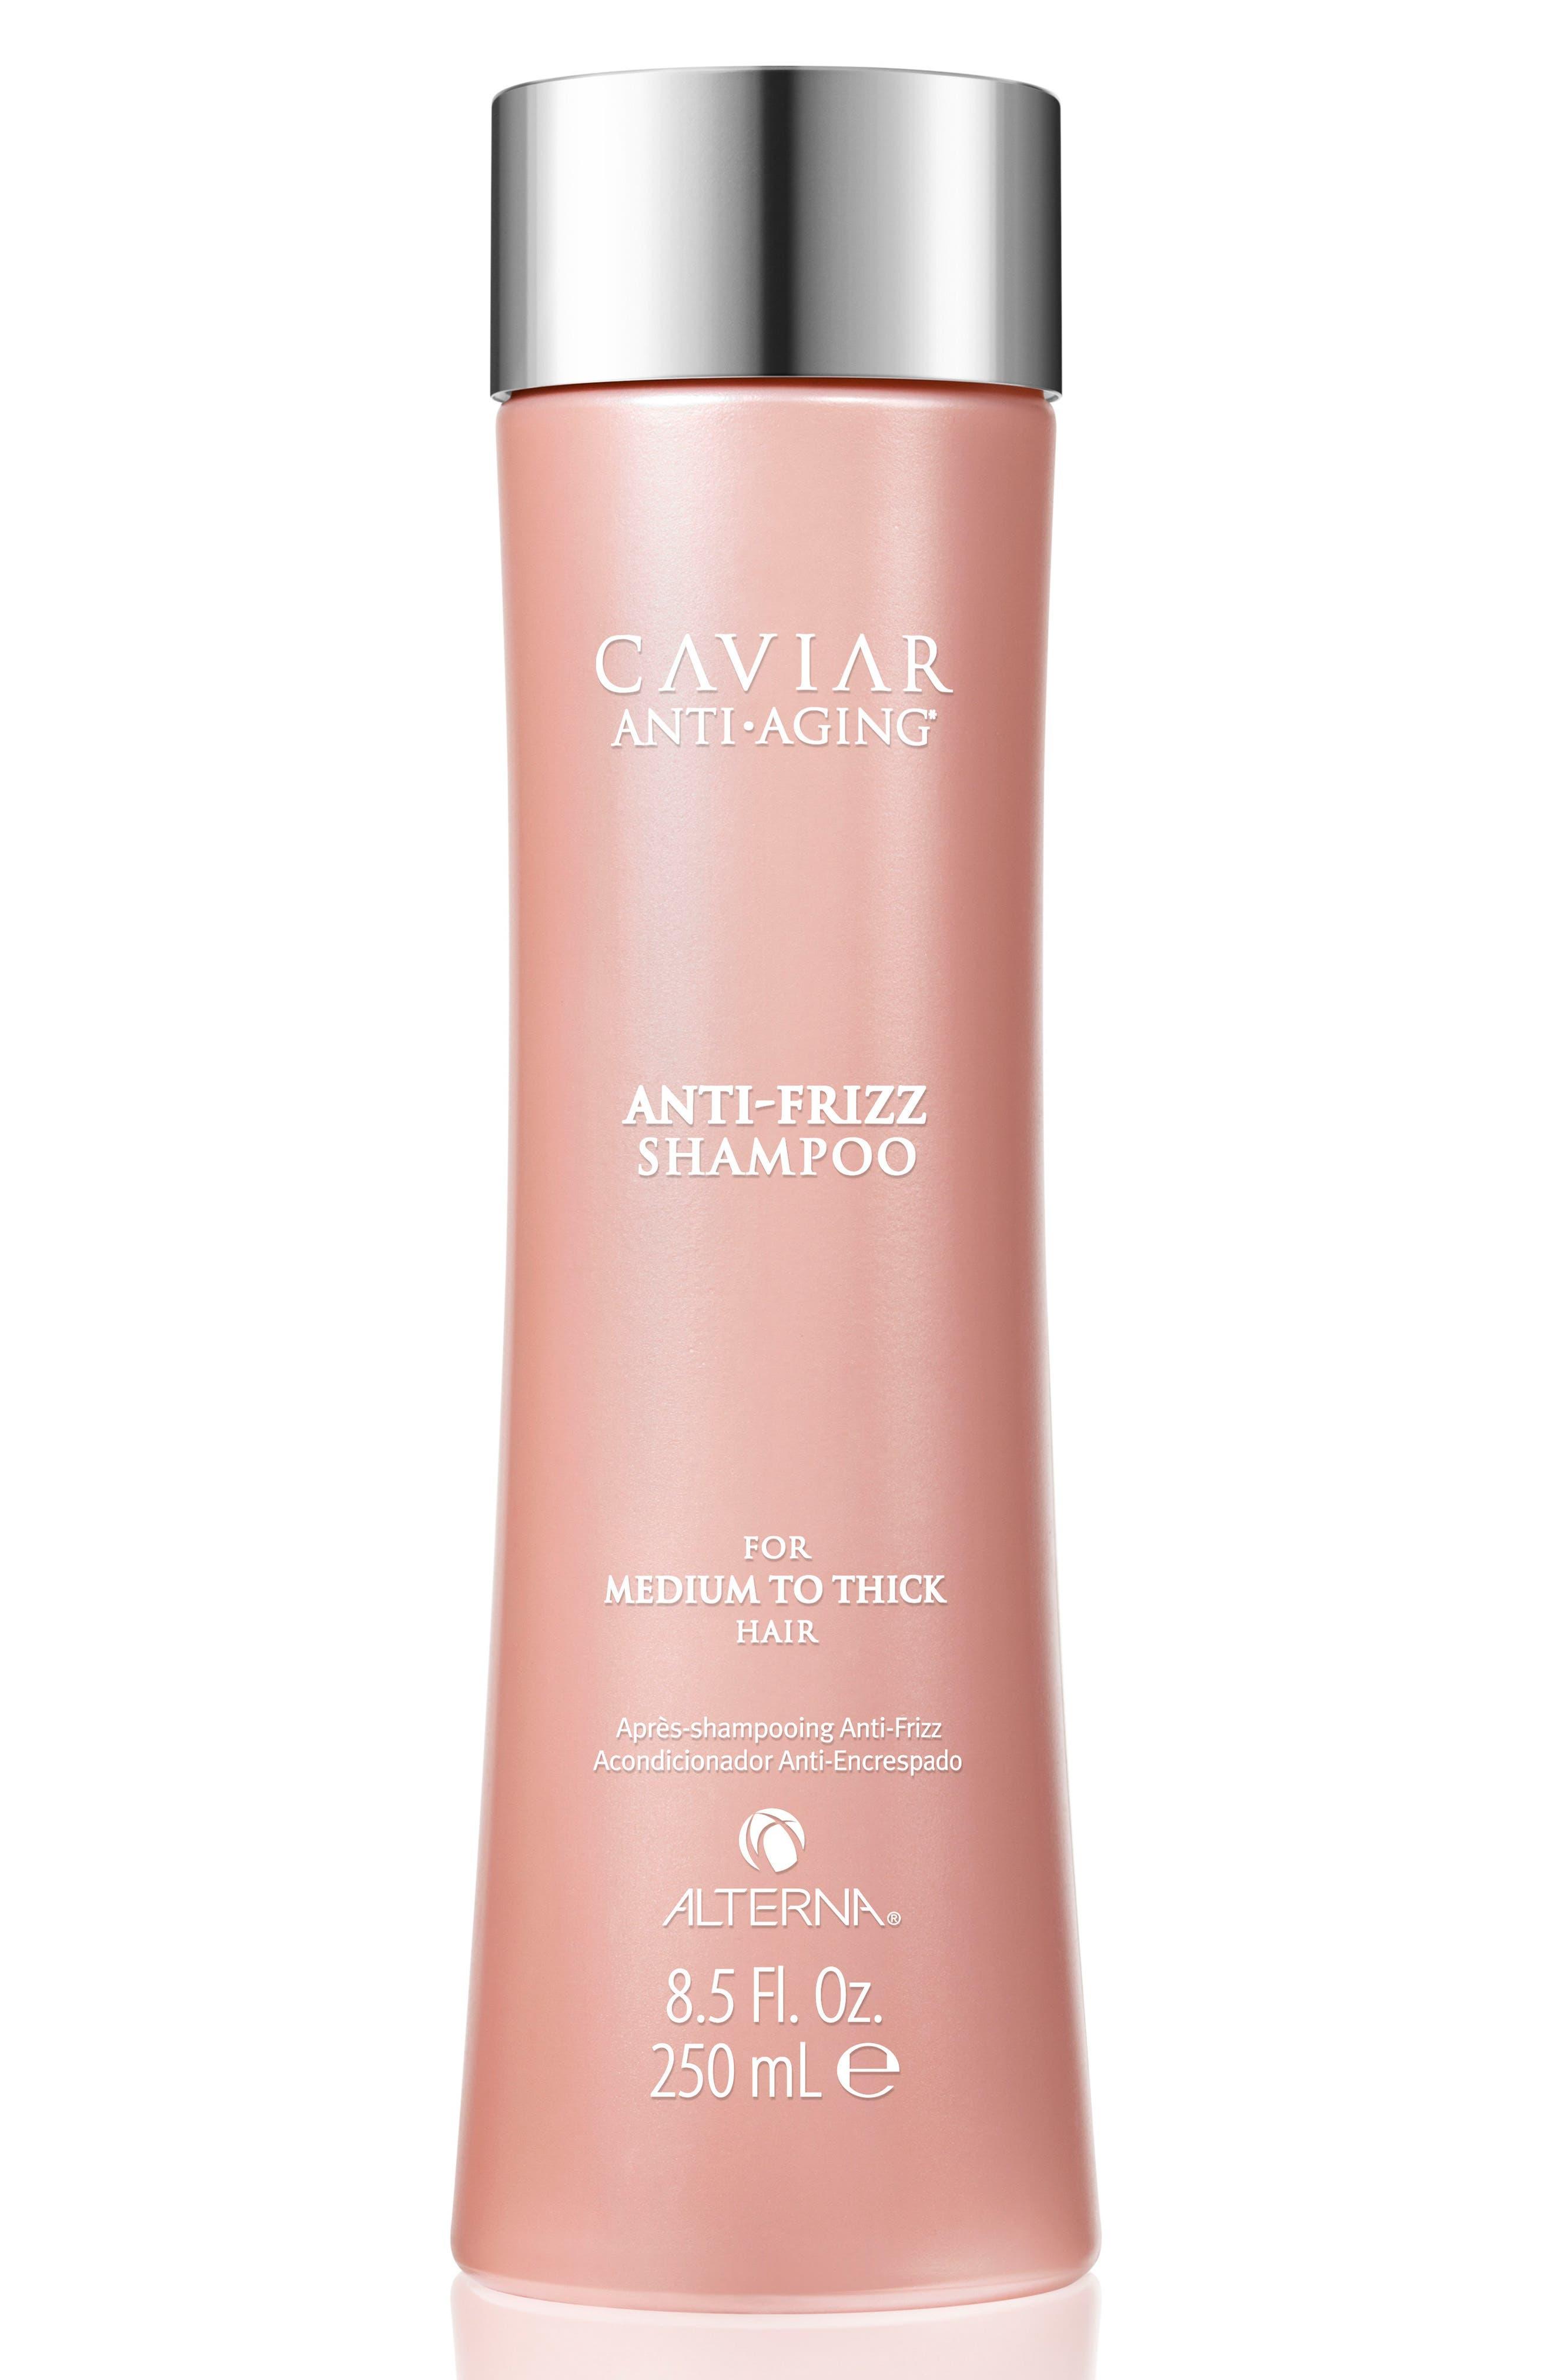 ALTERNA® Caviar Anti-Frizz Shampoo